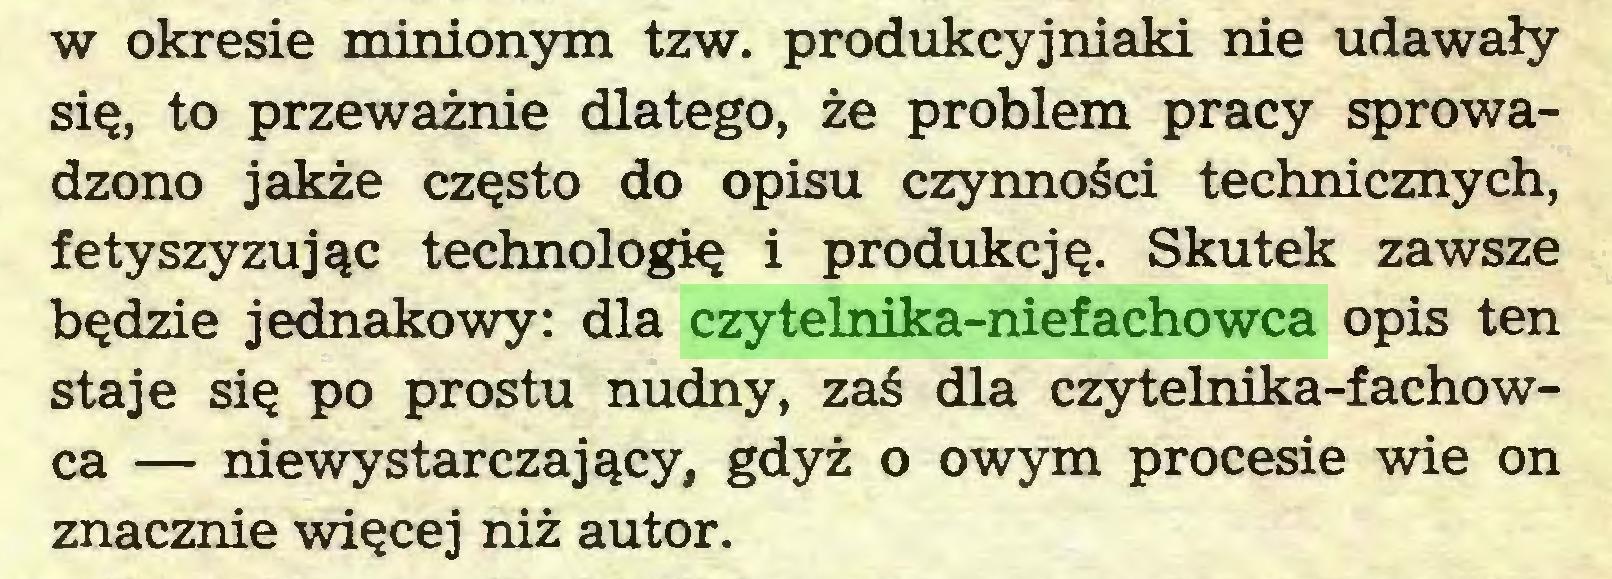 (...) w okresie minionym tzw. produkcyjniaki nie udawały się, to przeważnie dlatego, że problem pracy sprowadzono jakże często do opisu czynności technicznych, fetyszyzując technologię i produkcję. Skutek zawsze będzie jednakowy: dla czytelnika-niefachowca opis ten staje się po prostu nudny, zaś dla czytelnika-fachowca — niewystarczający, gdyż o owym procesie wie on znacznie więcej niż autor...